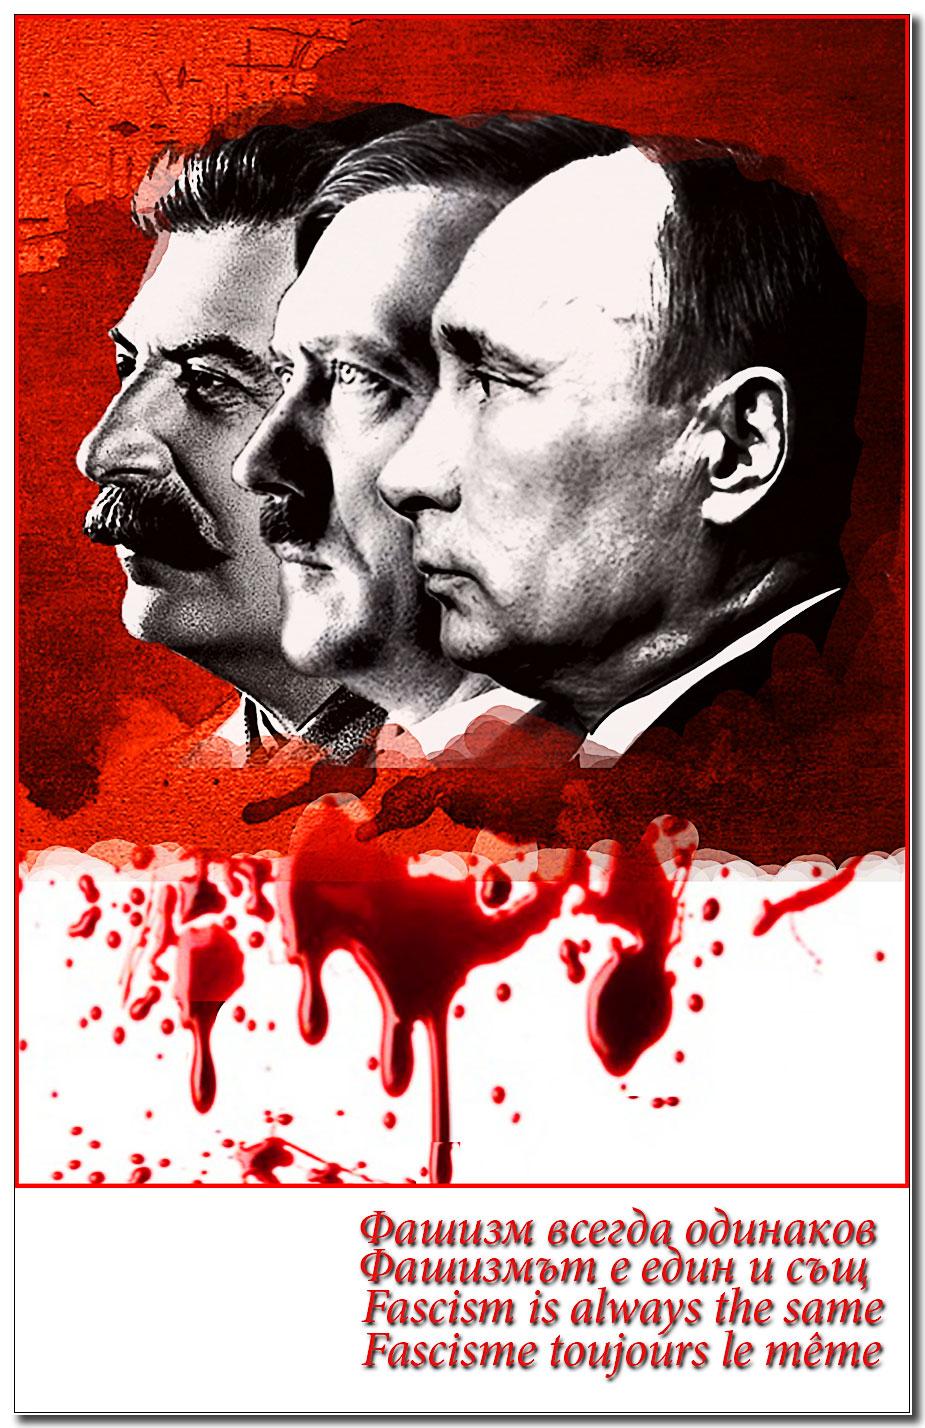 Чем отличается коммунизм от фашизм